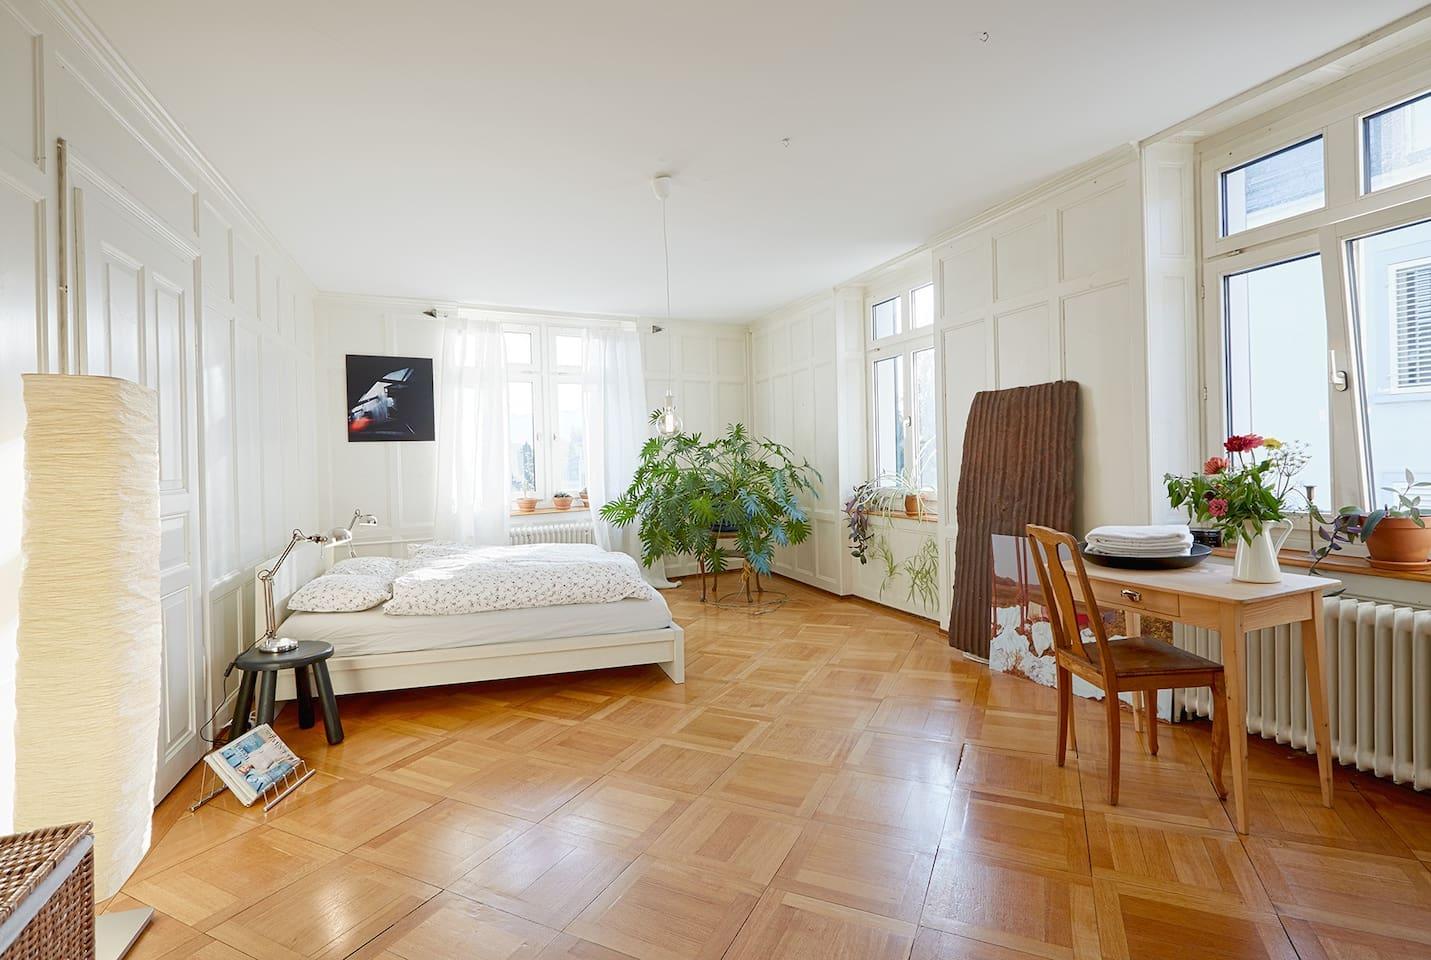 Best Airbnb apartments in Zurich, Switzerland - Finding ...